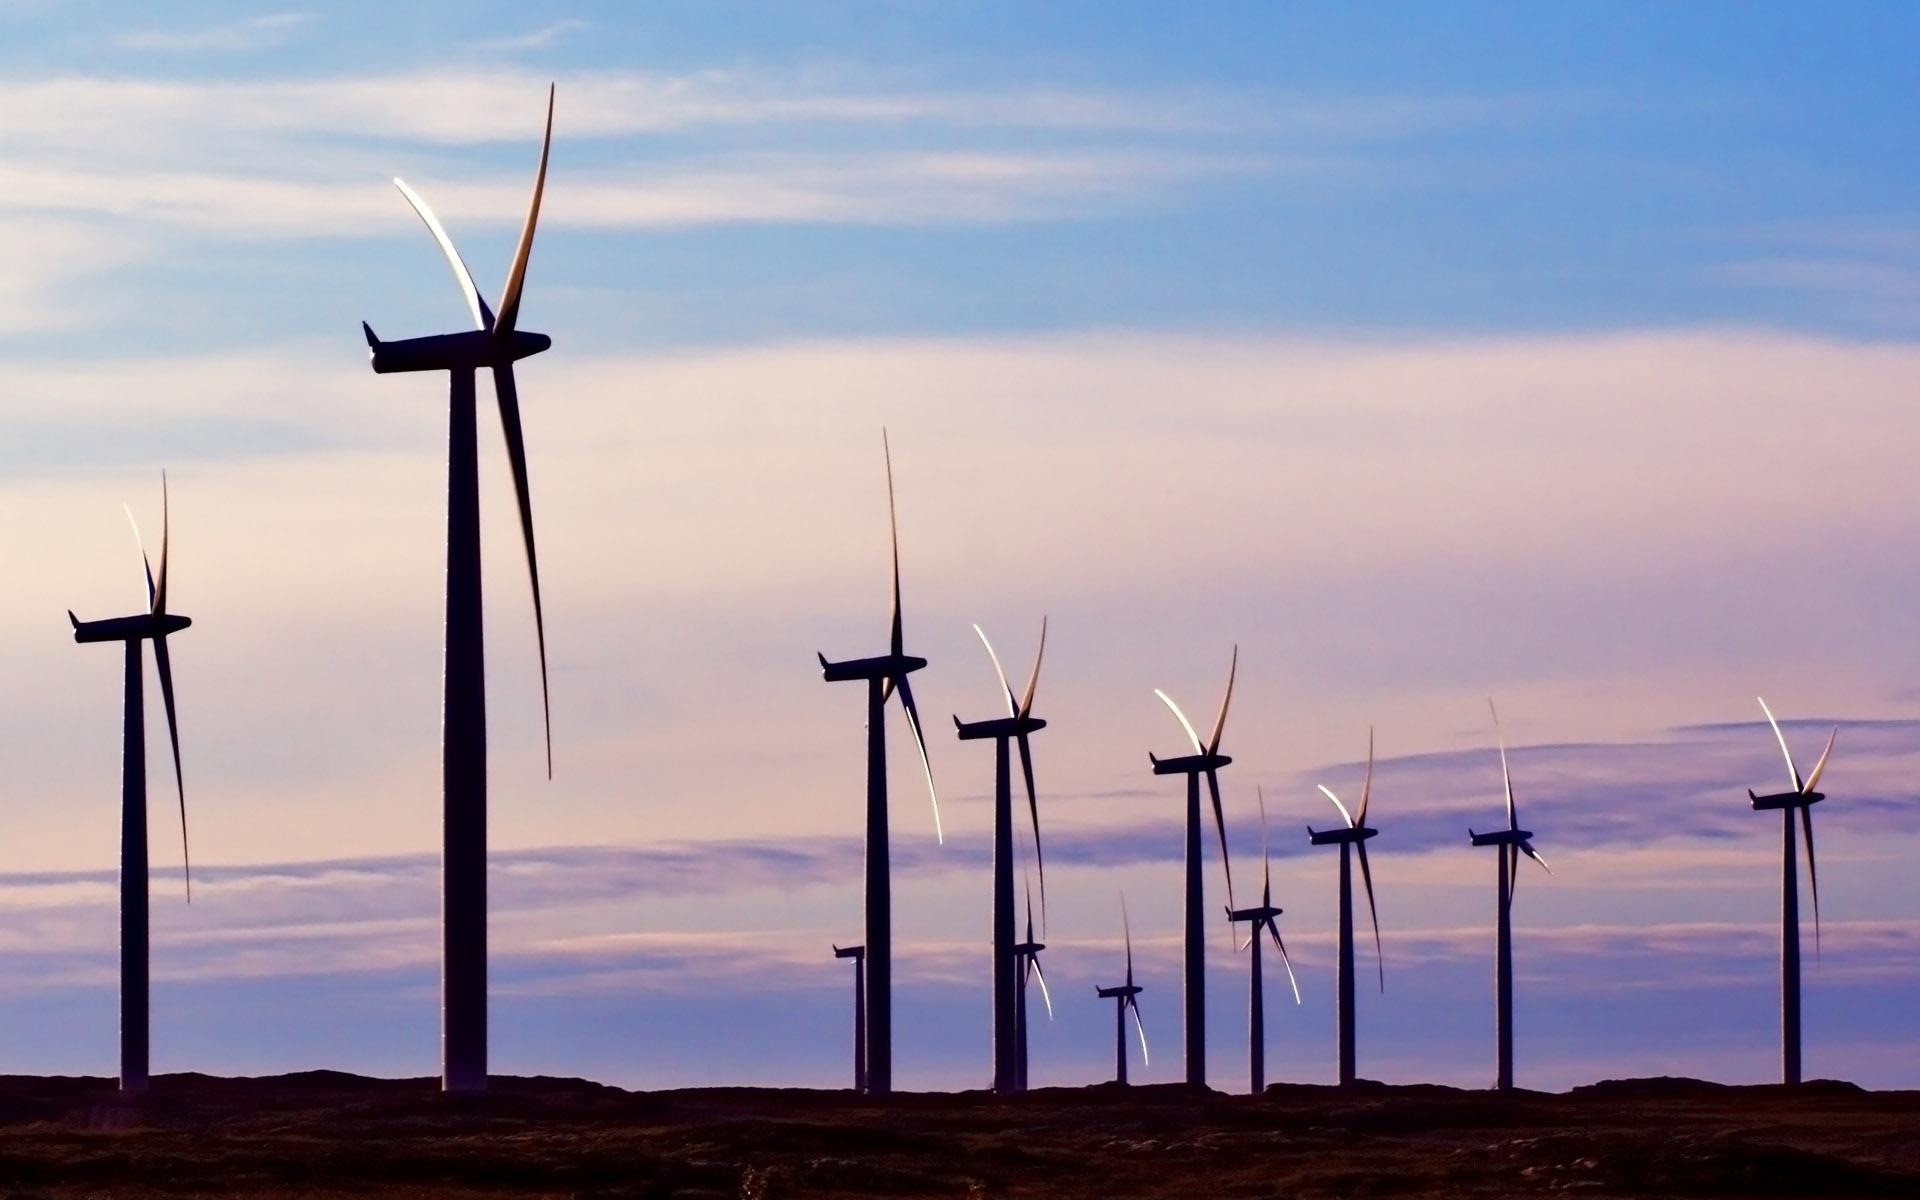 «Ветроэнергетика» изучает возможность строительства ветропарка в Саратовской области